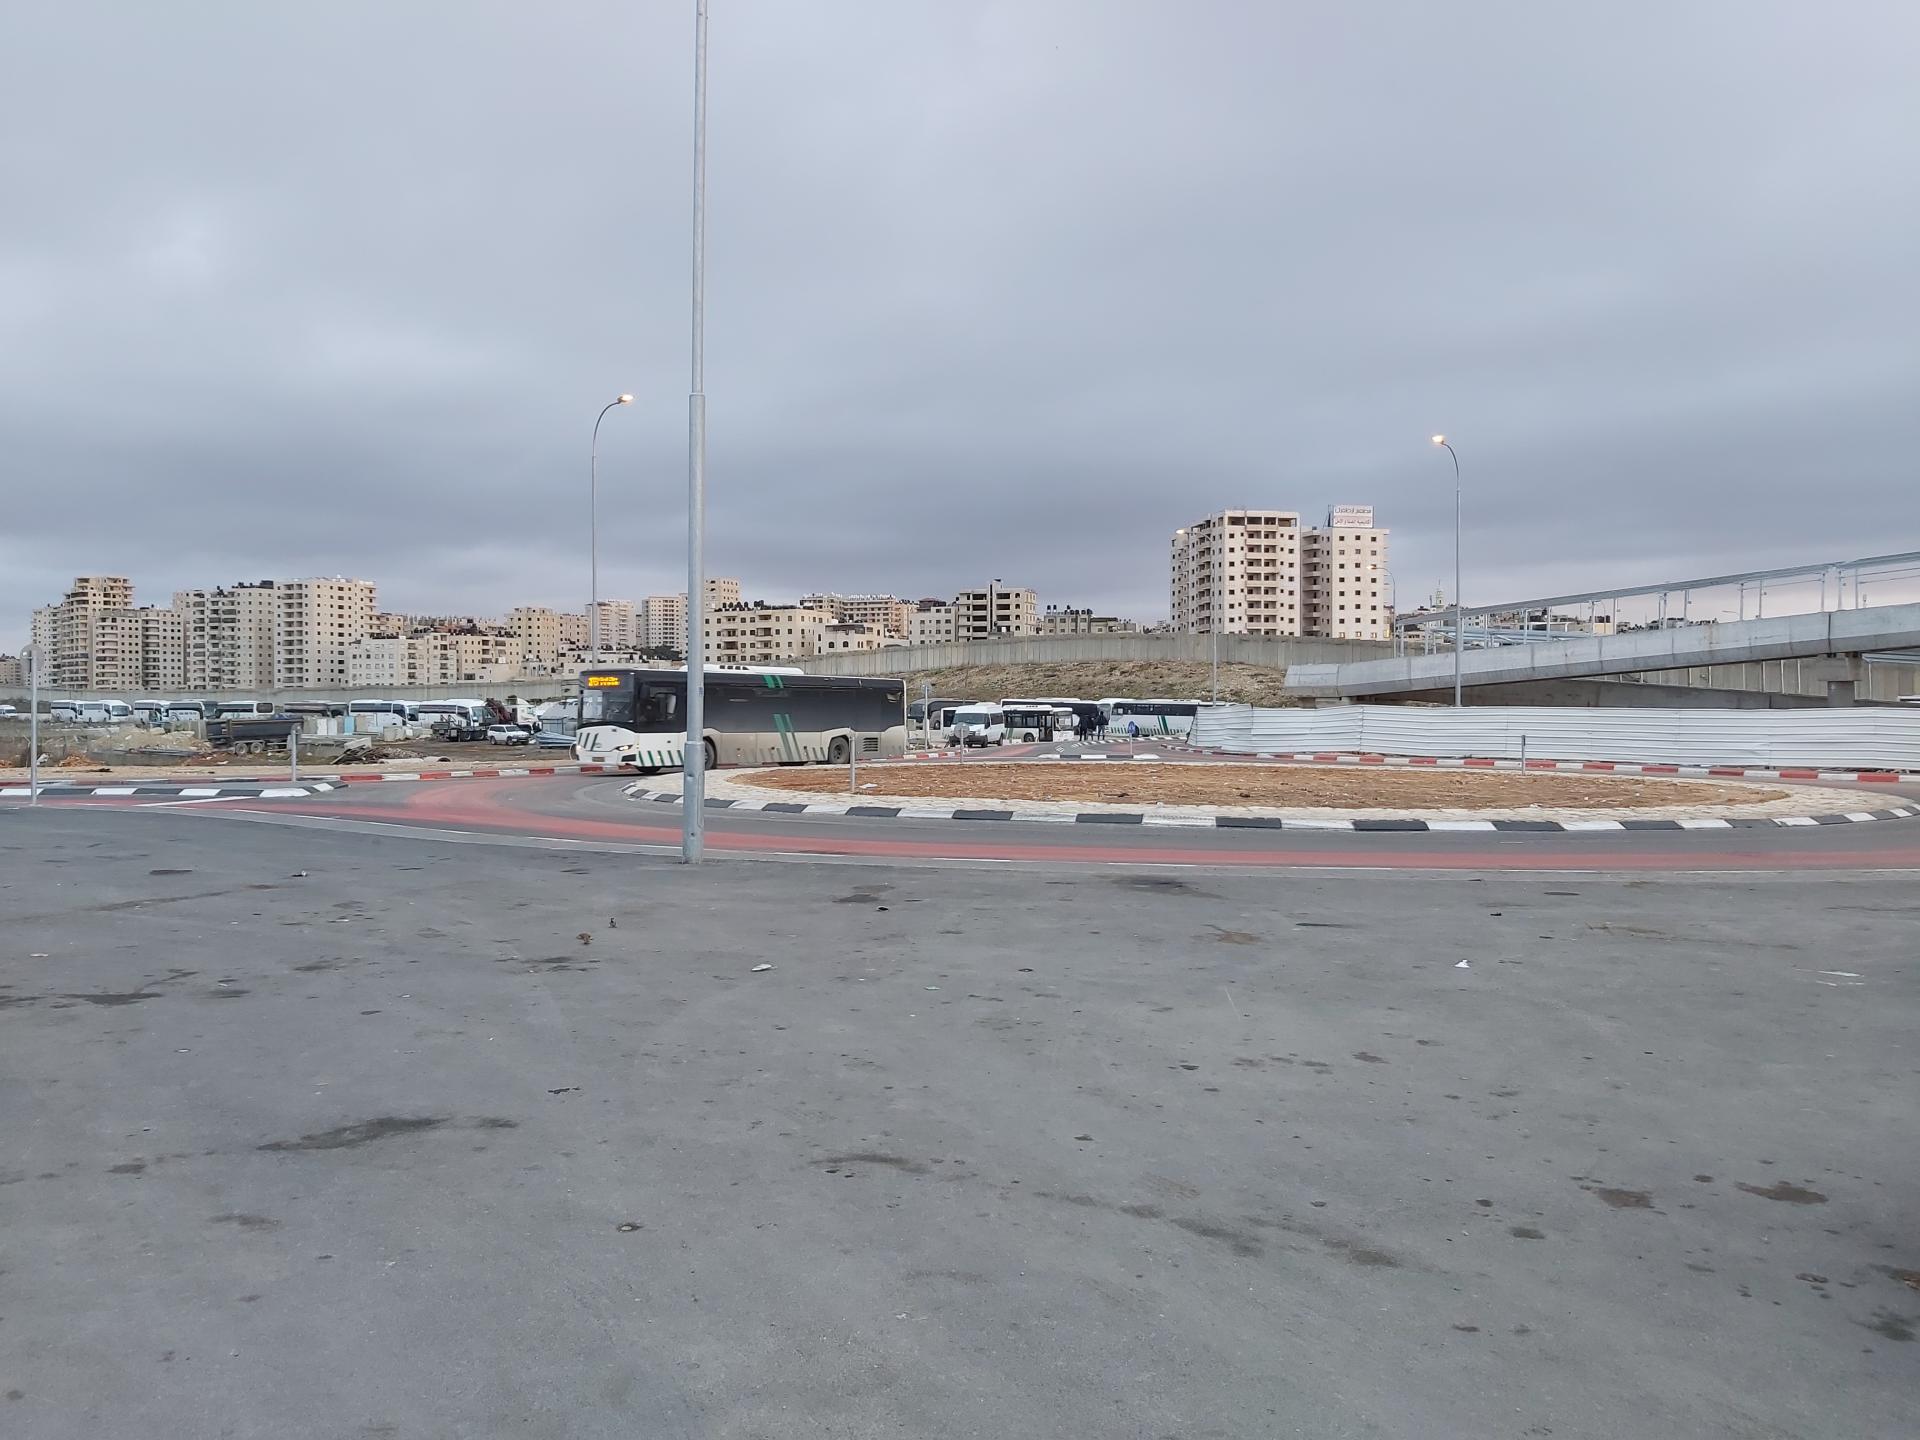 אוטובוס סובב את הכיכר החדשה בנתיב התחבורה הציבורית